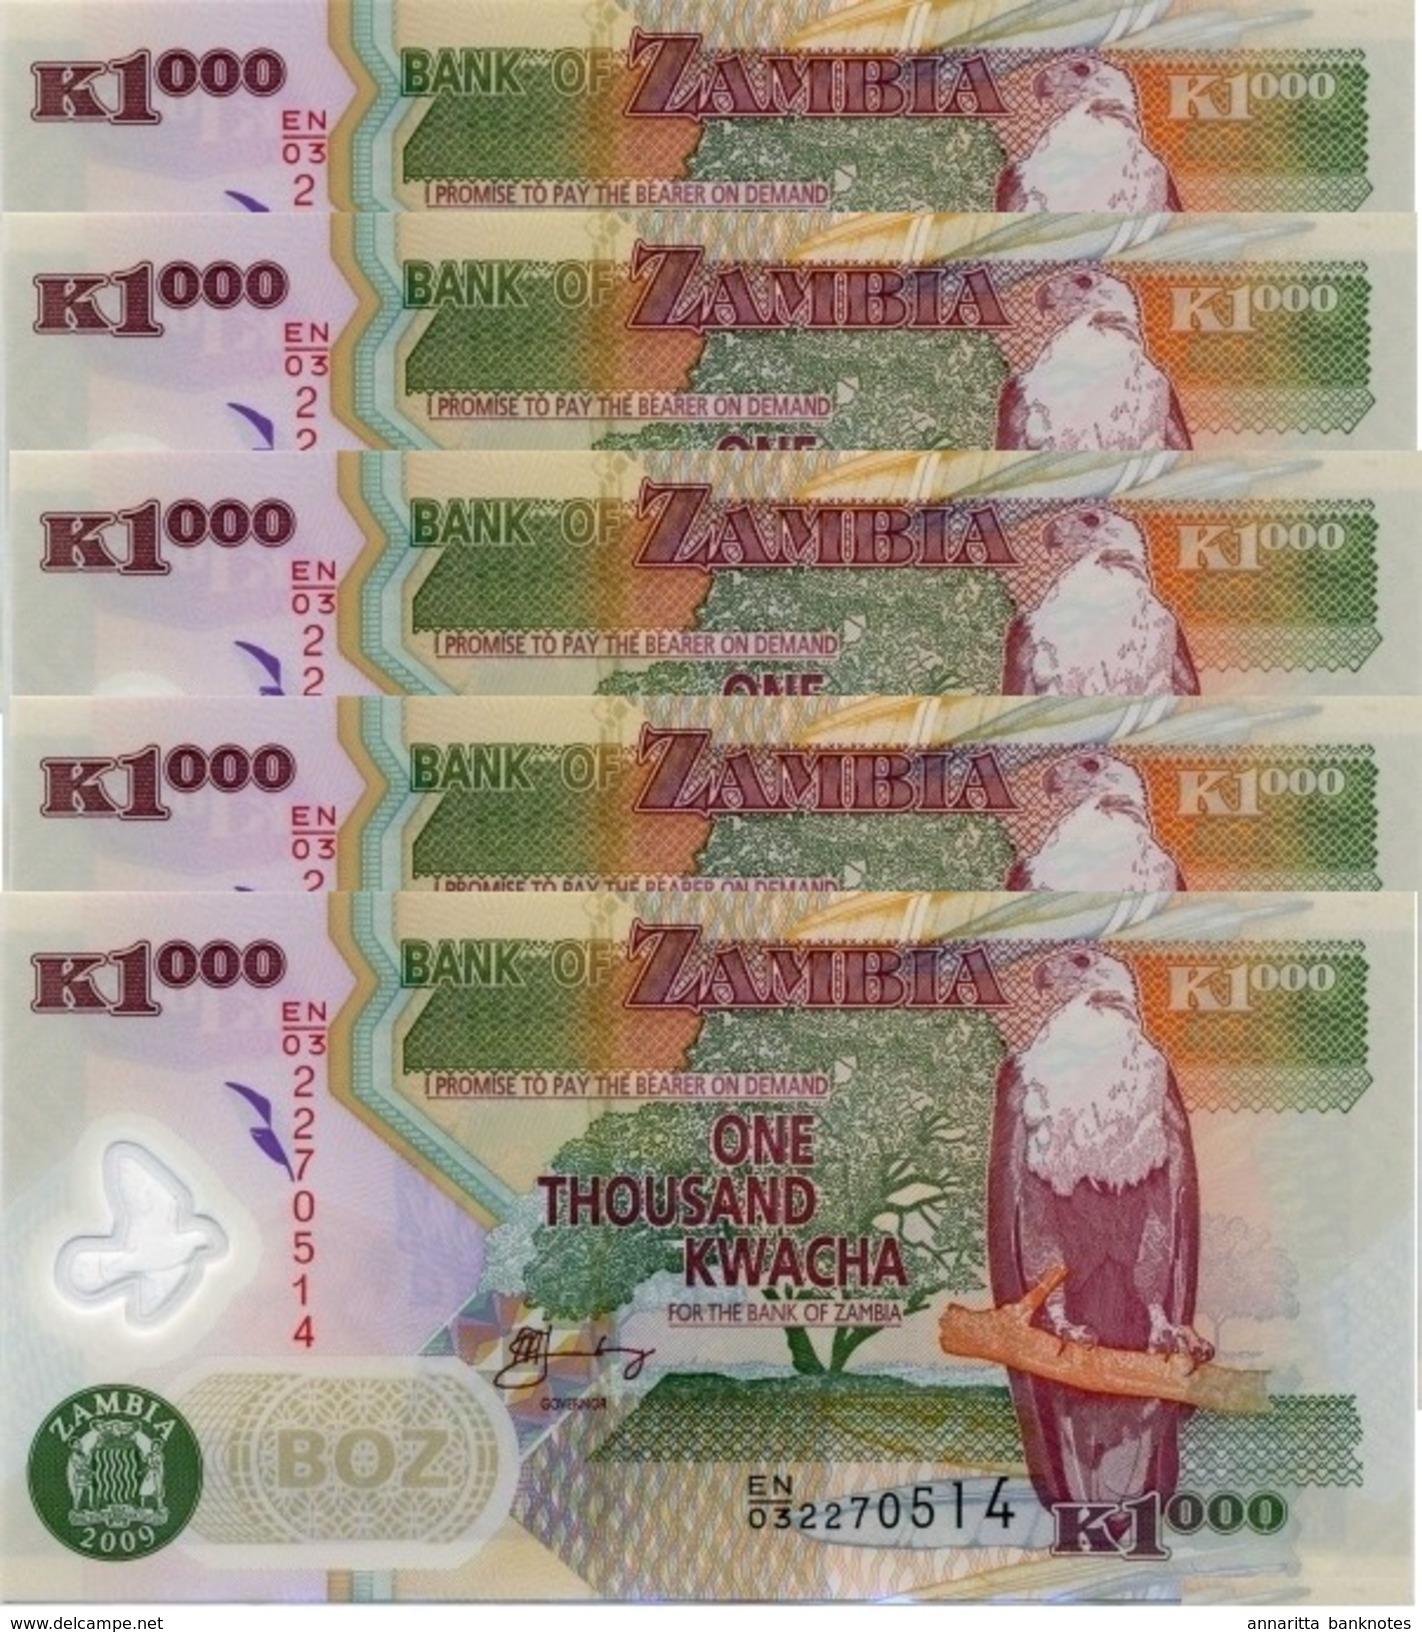 ZAMBIA 1000 KWACHA 2009 P-44g UNC 5 PCS [ZM146g] - Zambia